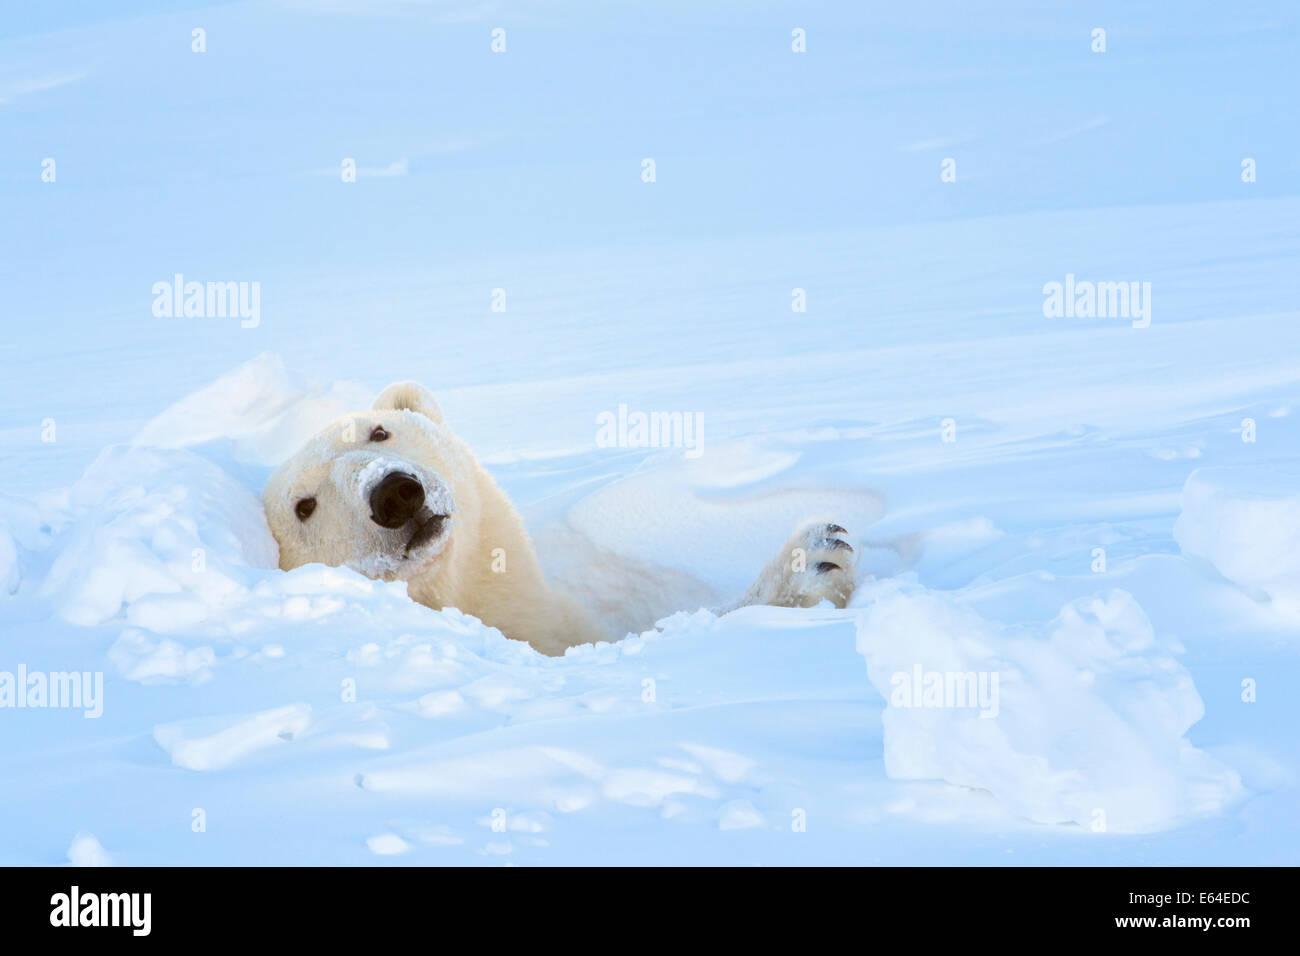 L'ours polaire (Ursus maritimus) à sortir de sa tanière au parc national Wapusk, Canada. Photo Stock